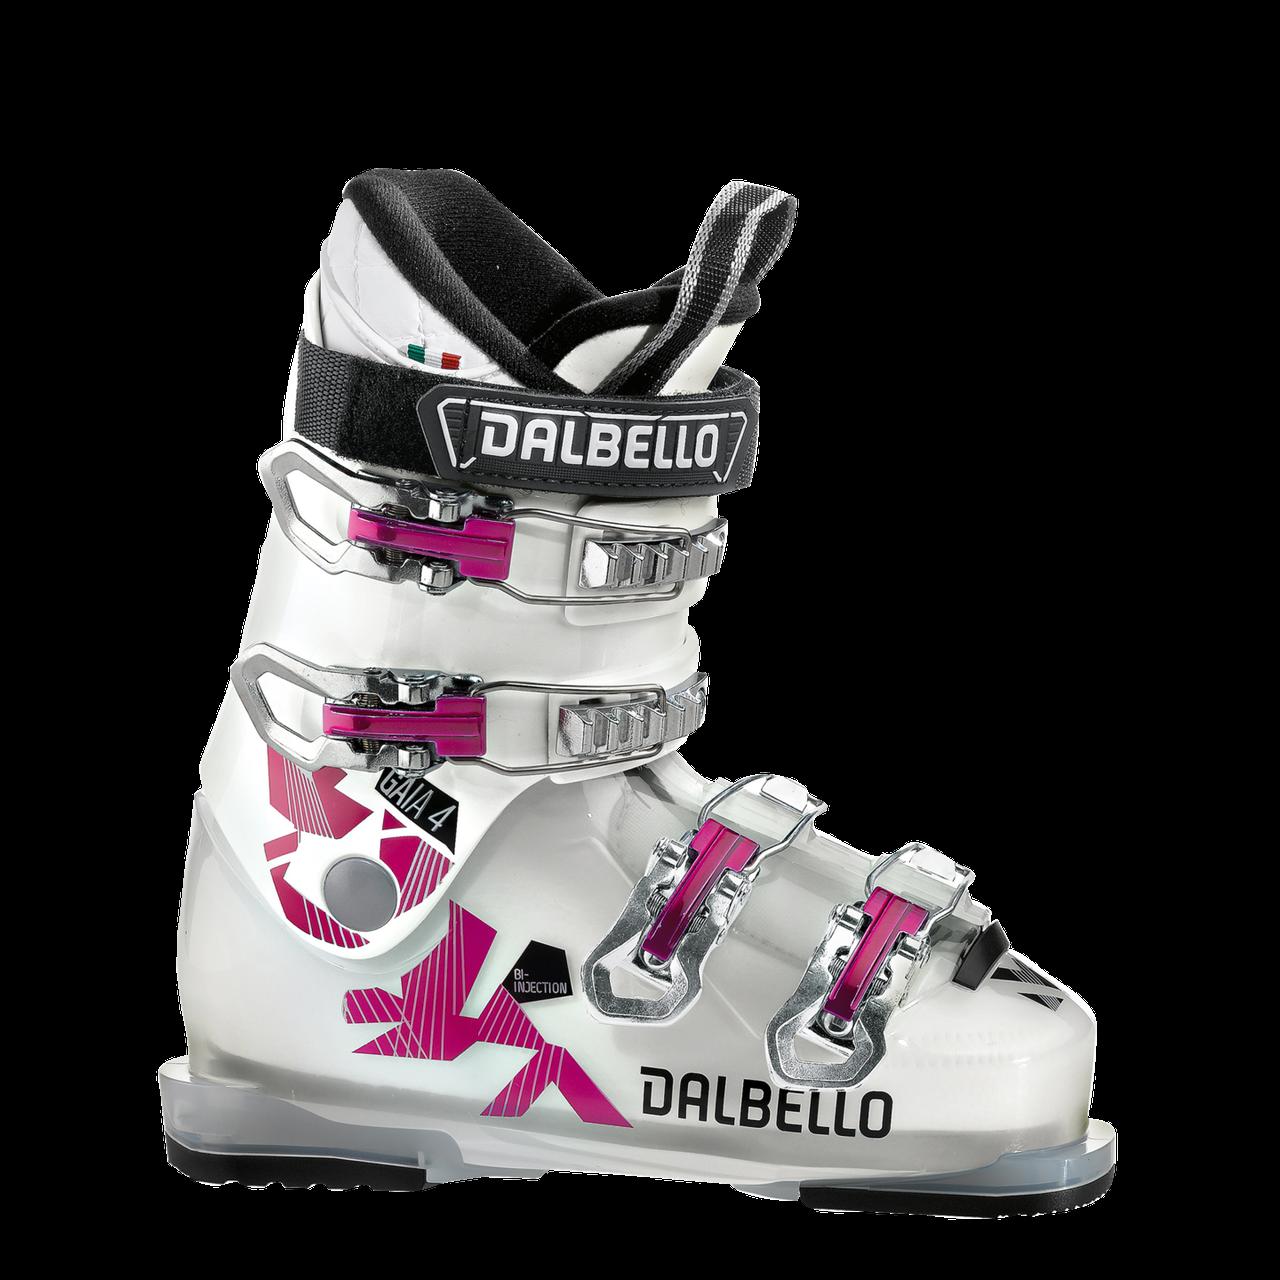 2019 Dalbello Gaia 4.0 Junior Ski Boots